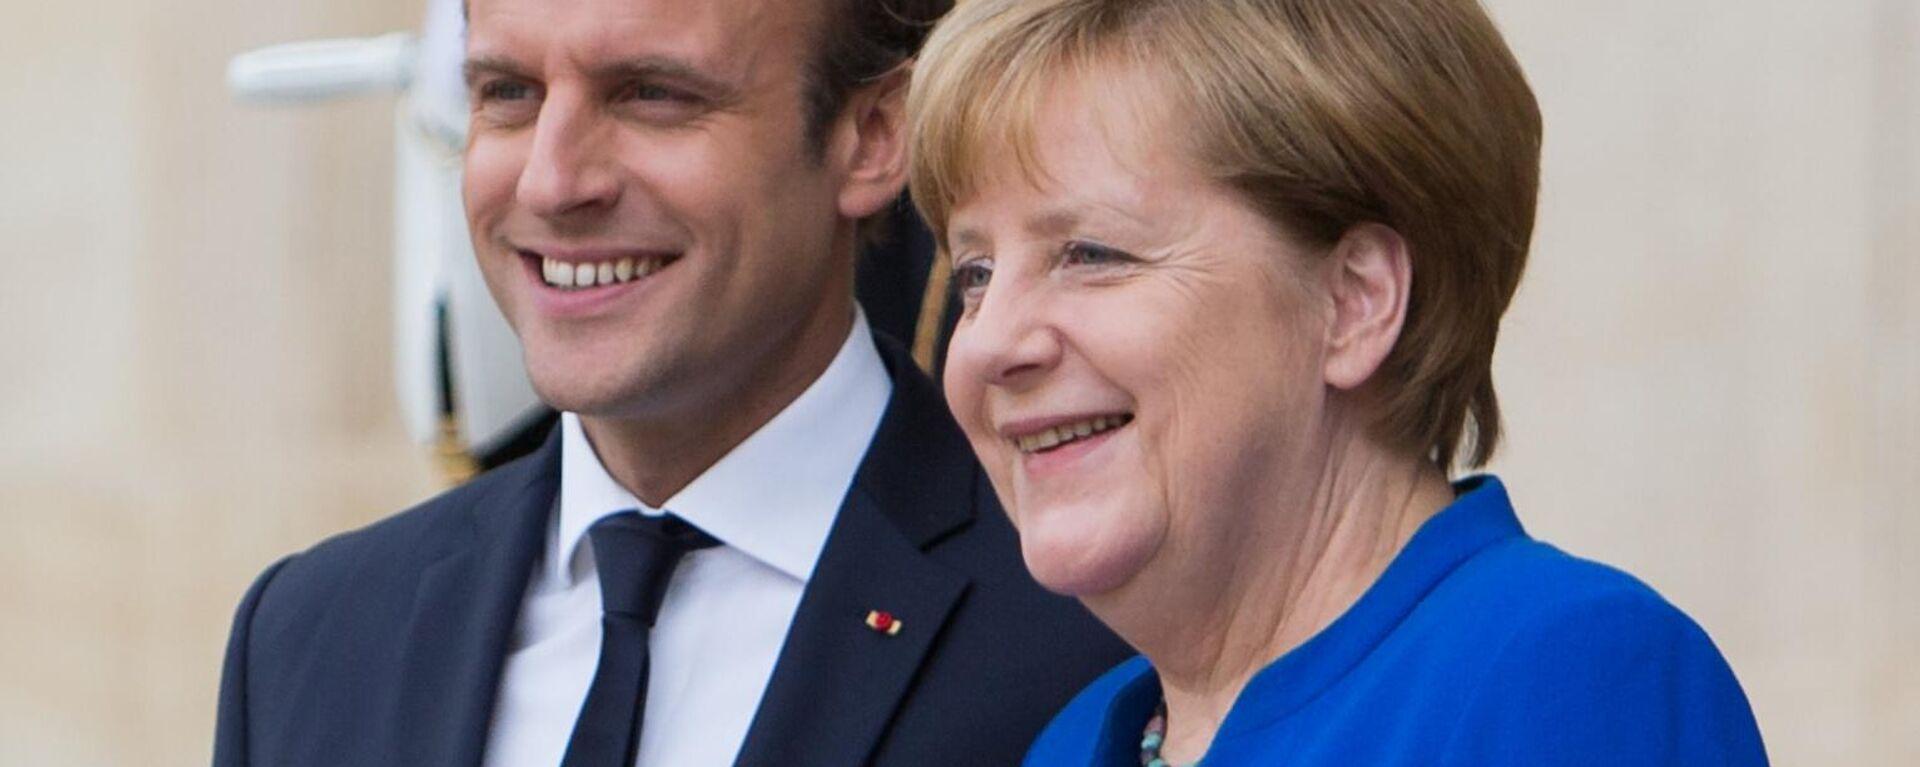 Bundeskanzlerin Angela Merkel und Frankreichs Präsident Emmanuel Macron (Archivbild) - SNA, 1920, 30.08.2021